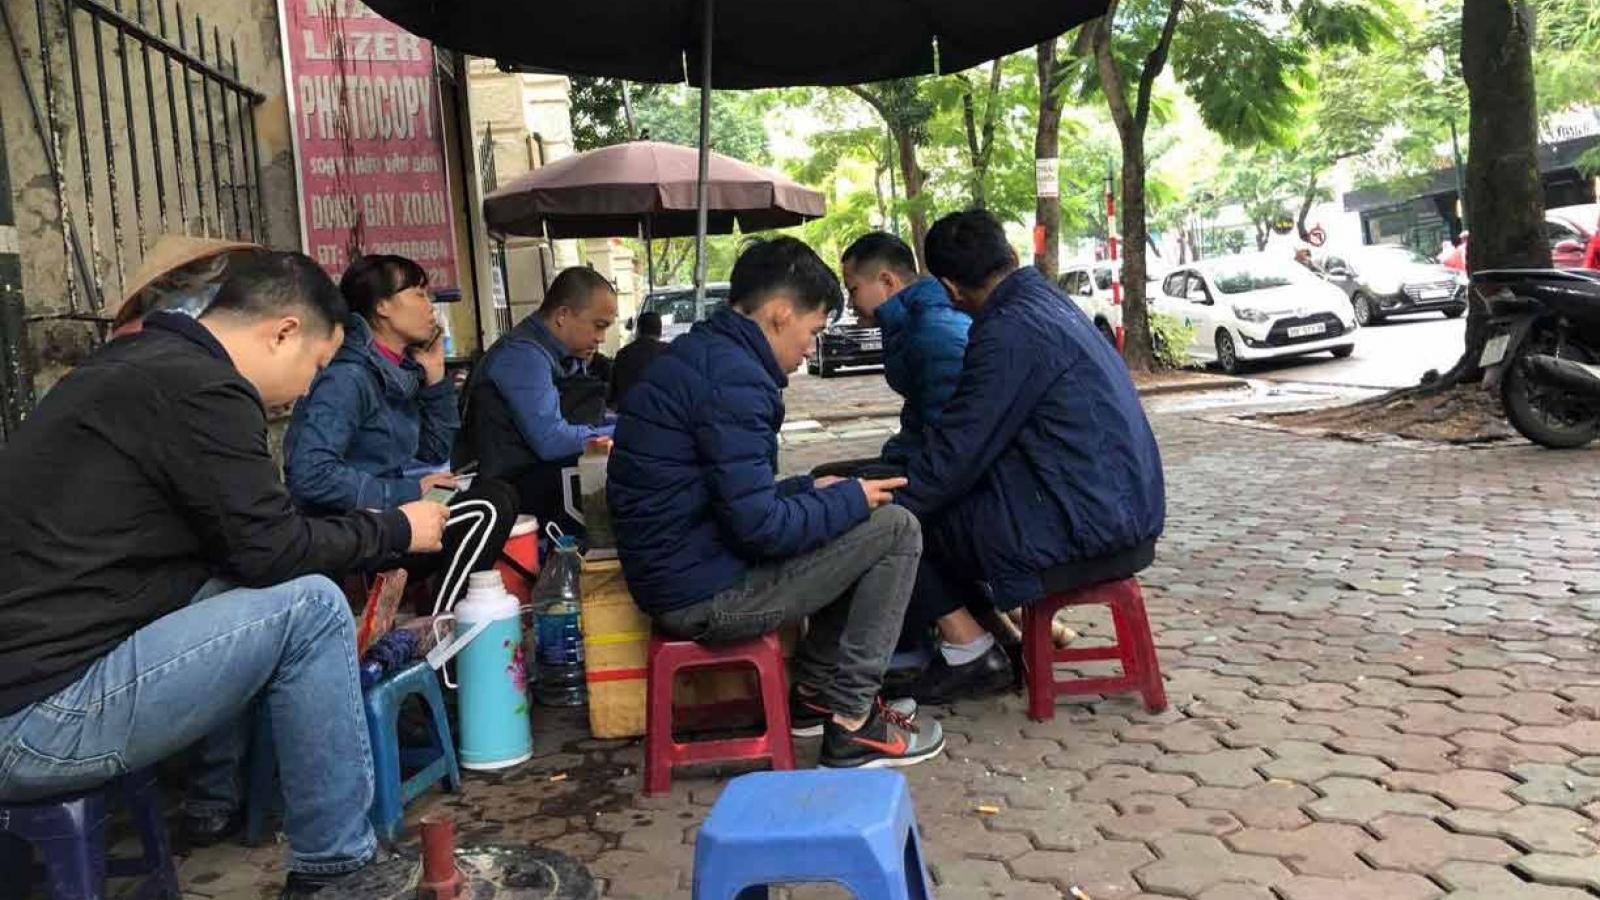 Chủ tịch Hà Nội yêu cầu giải tỏa ngay quán nước lấn chiếm vỉa hè, tụ tập đông người